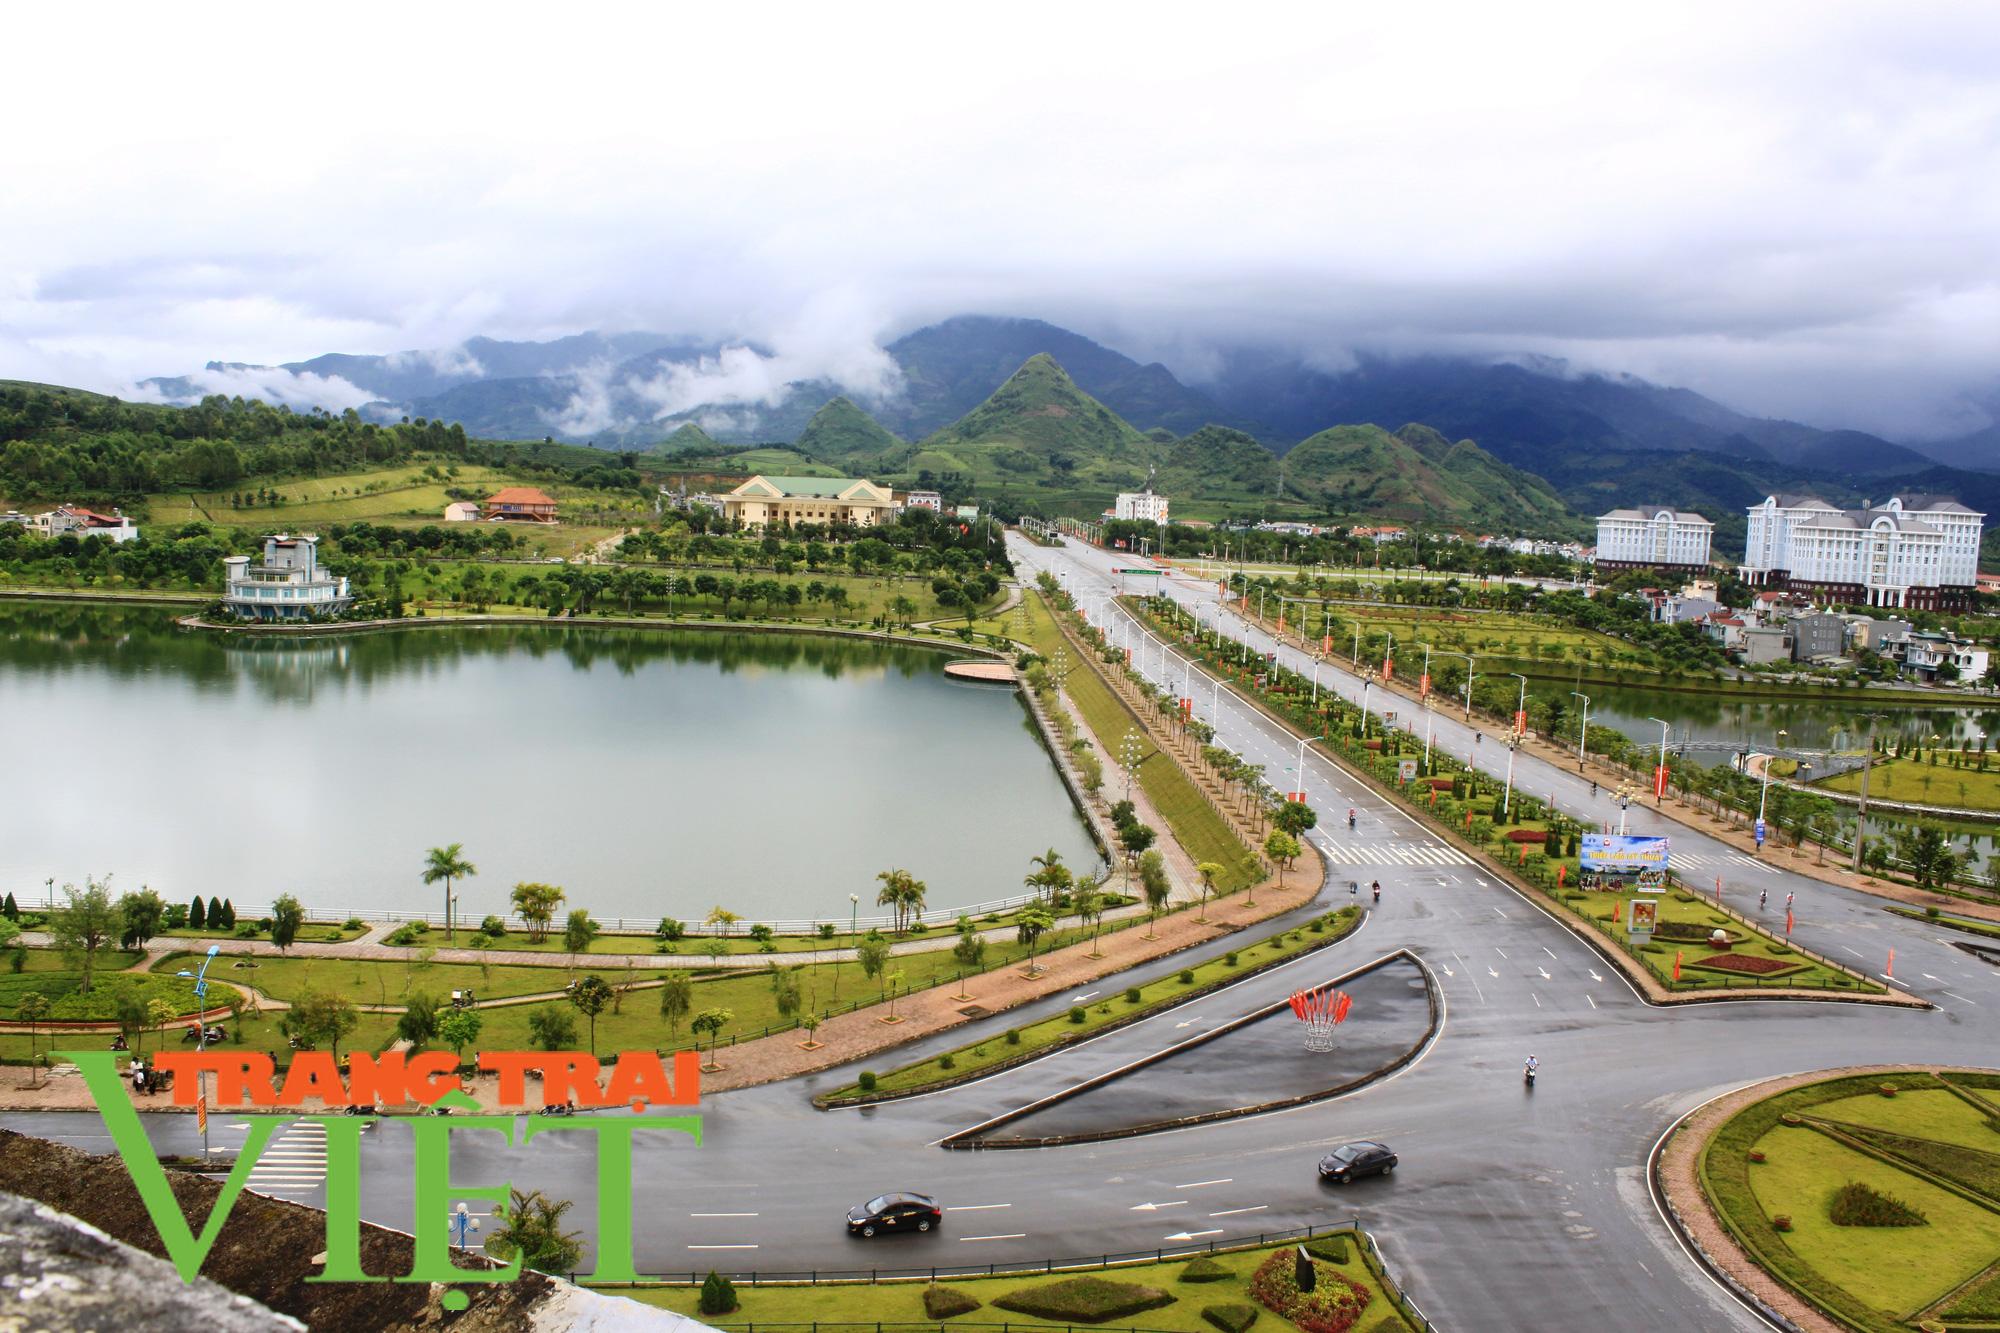 Thành phố Lai Châu chú trọng phát triển dịch vụ du lịch - Ảnh 1.